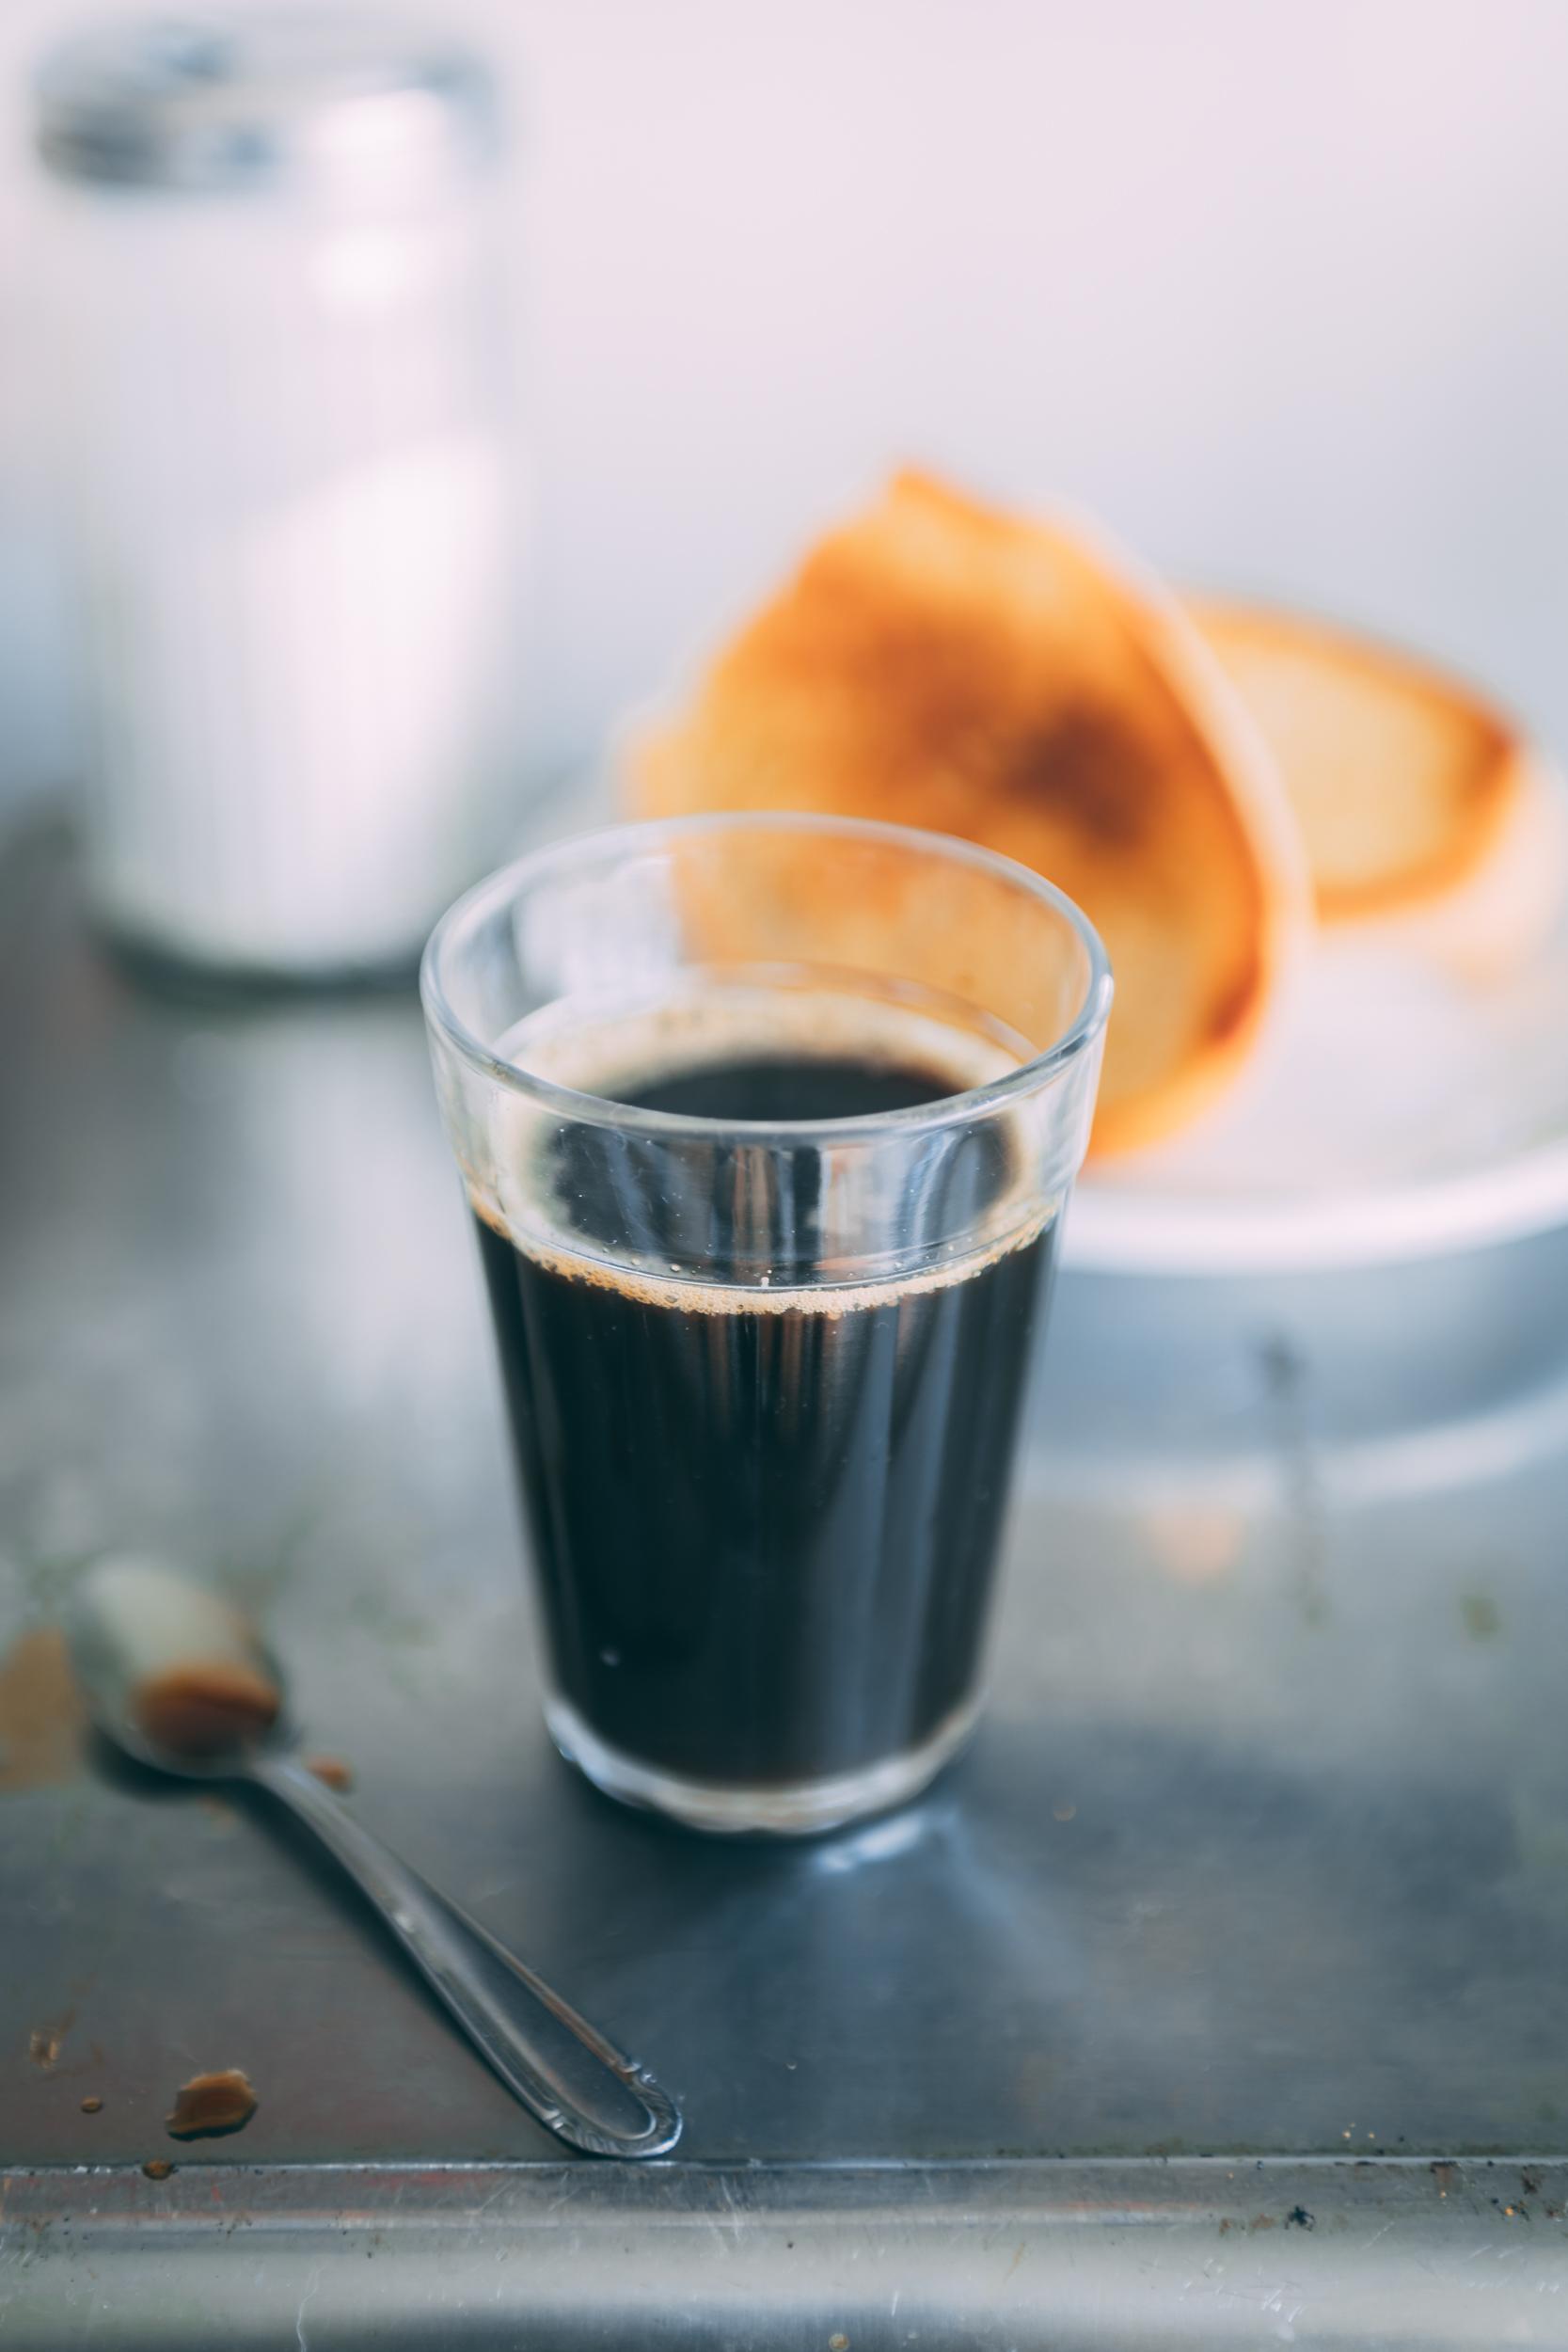 171201 Tatu - Queijo quente e cafe-048.jpg